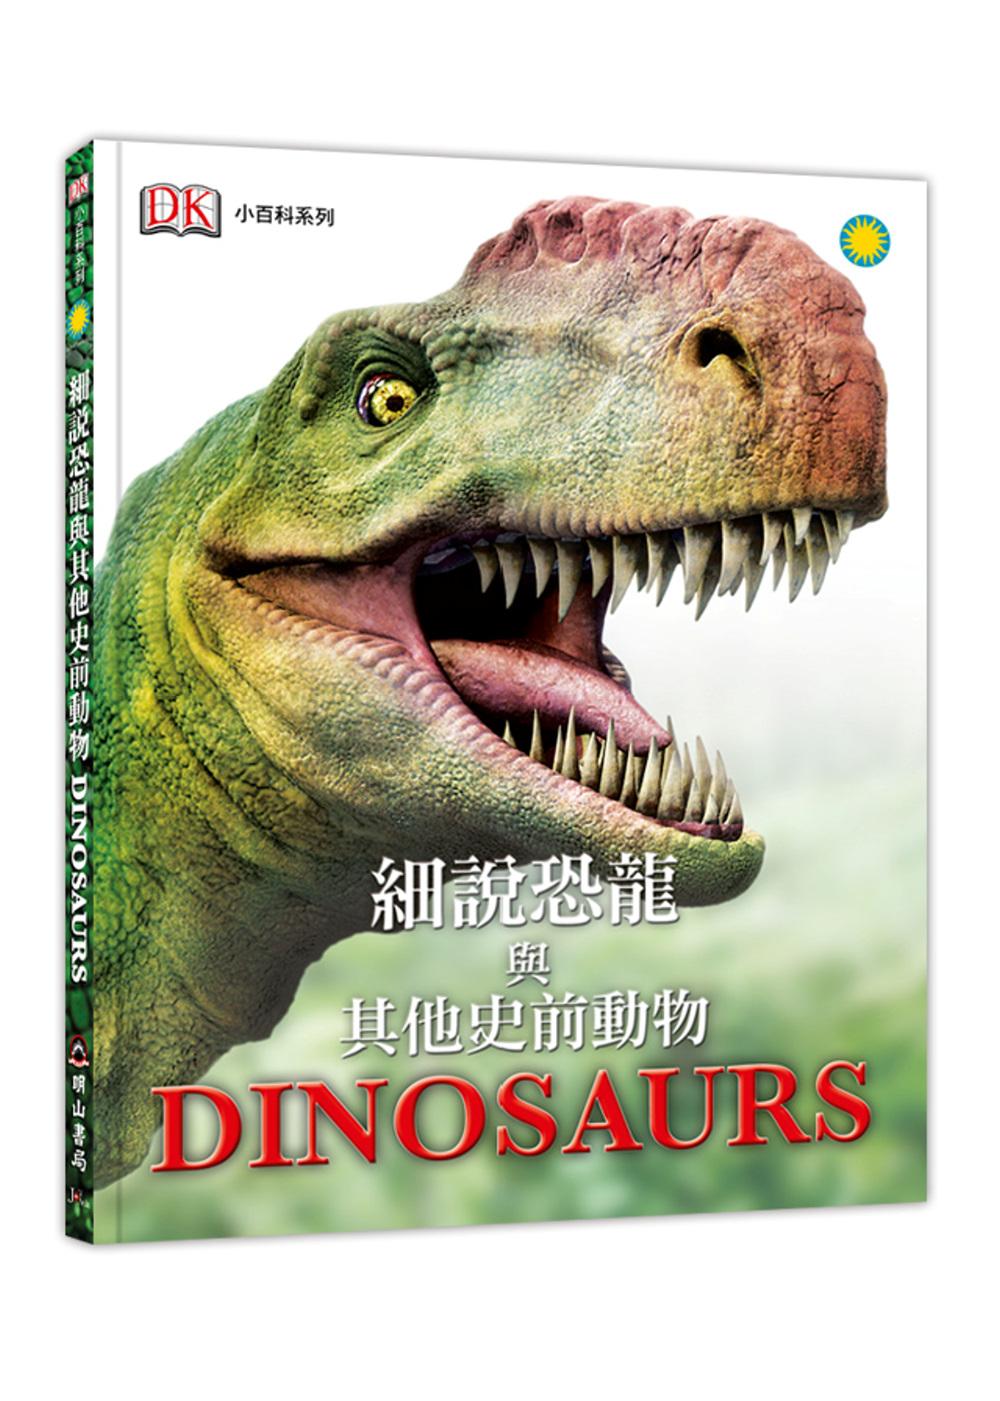 細說恐龍與其他史前動物